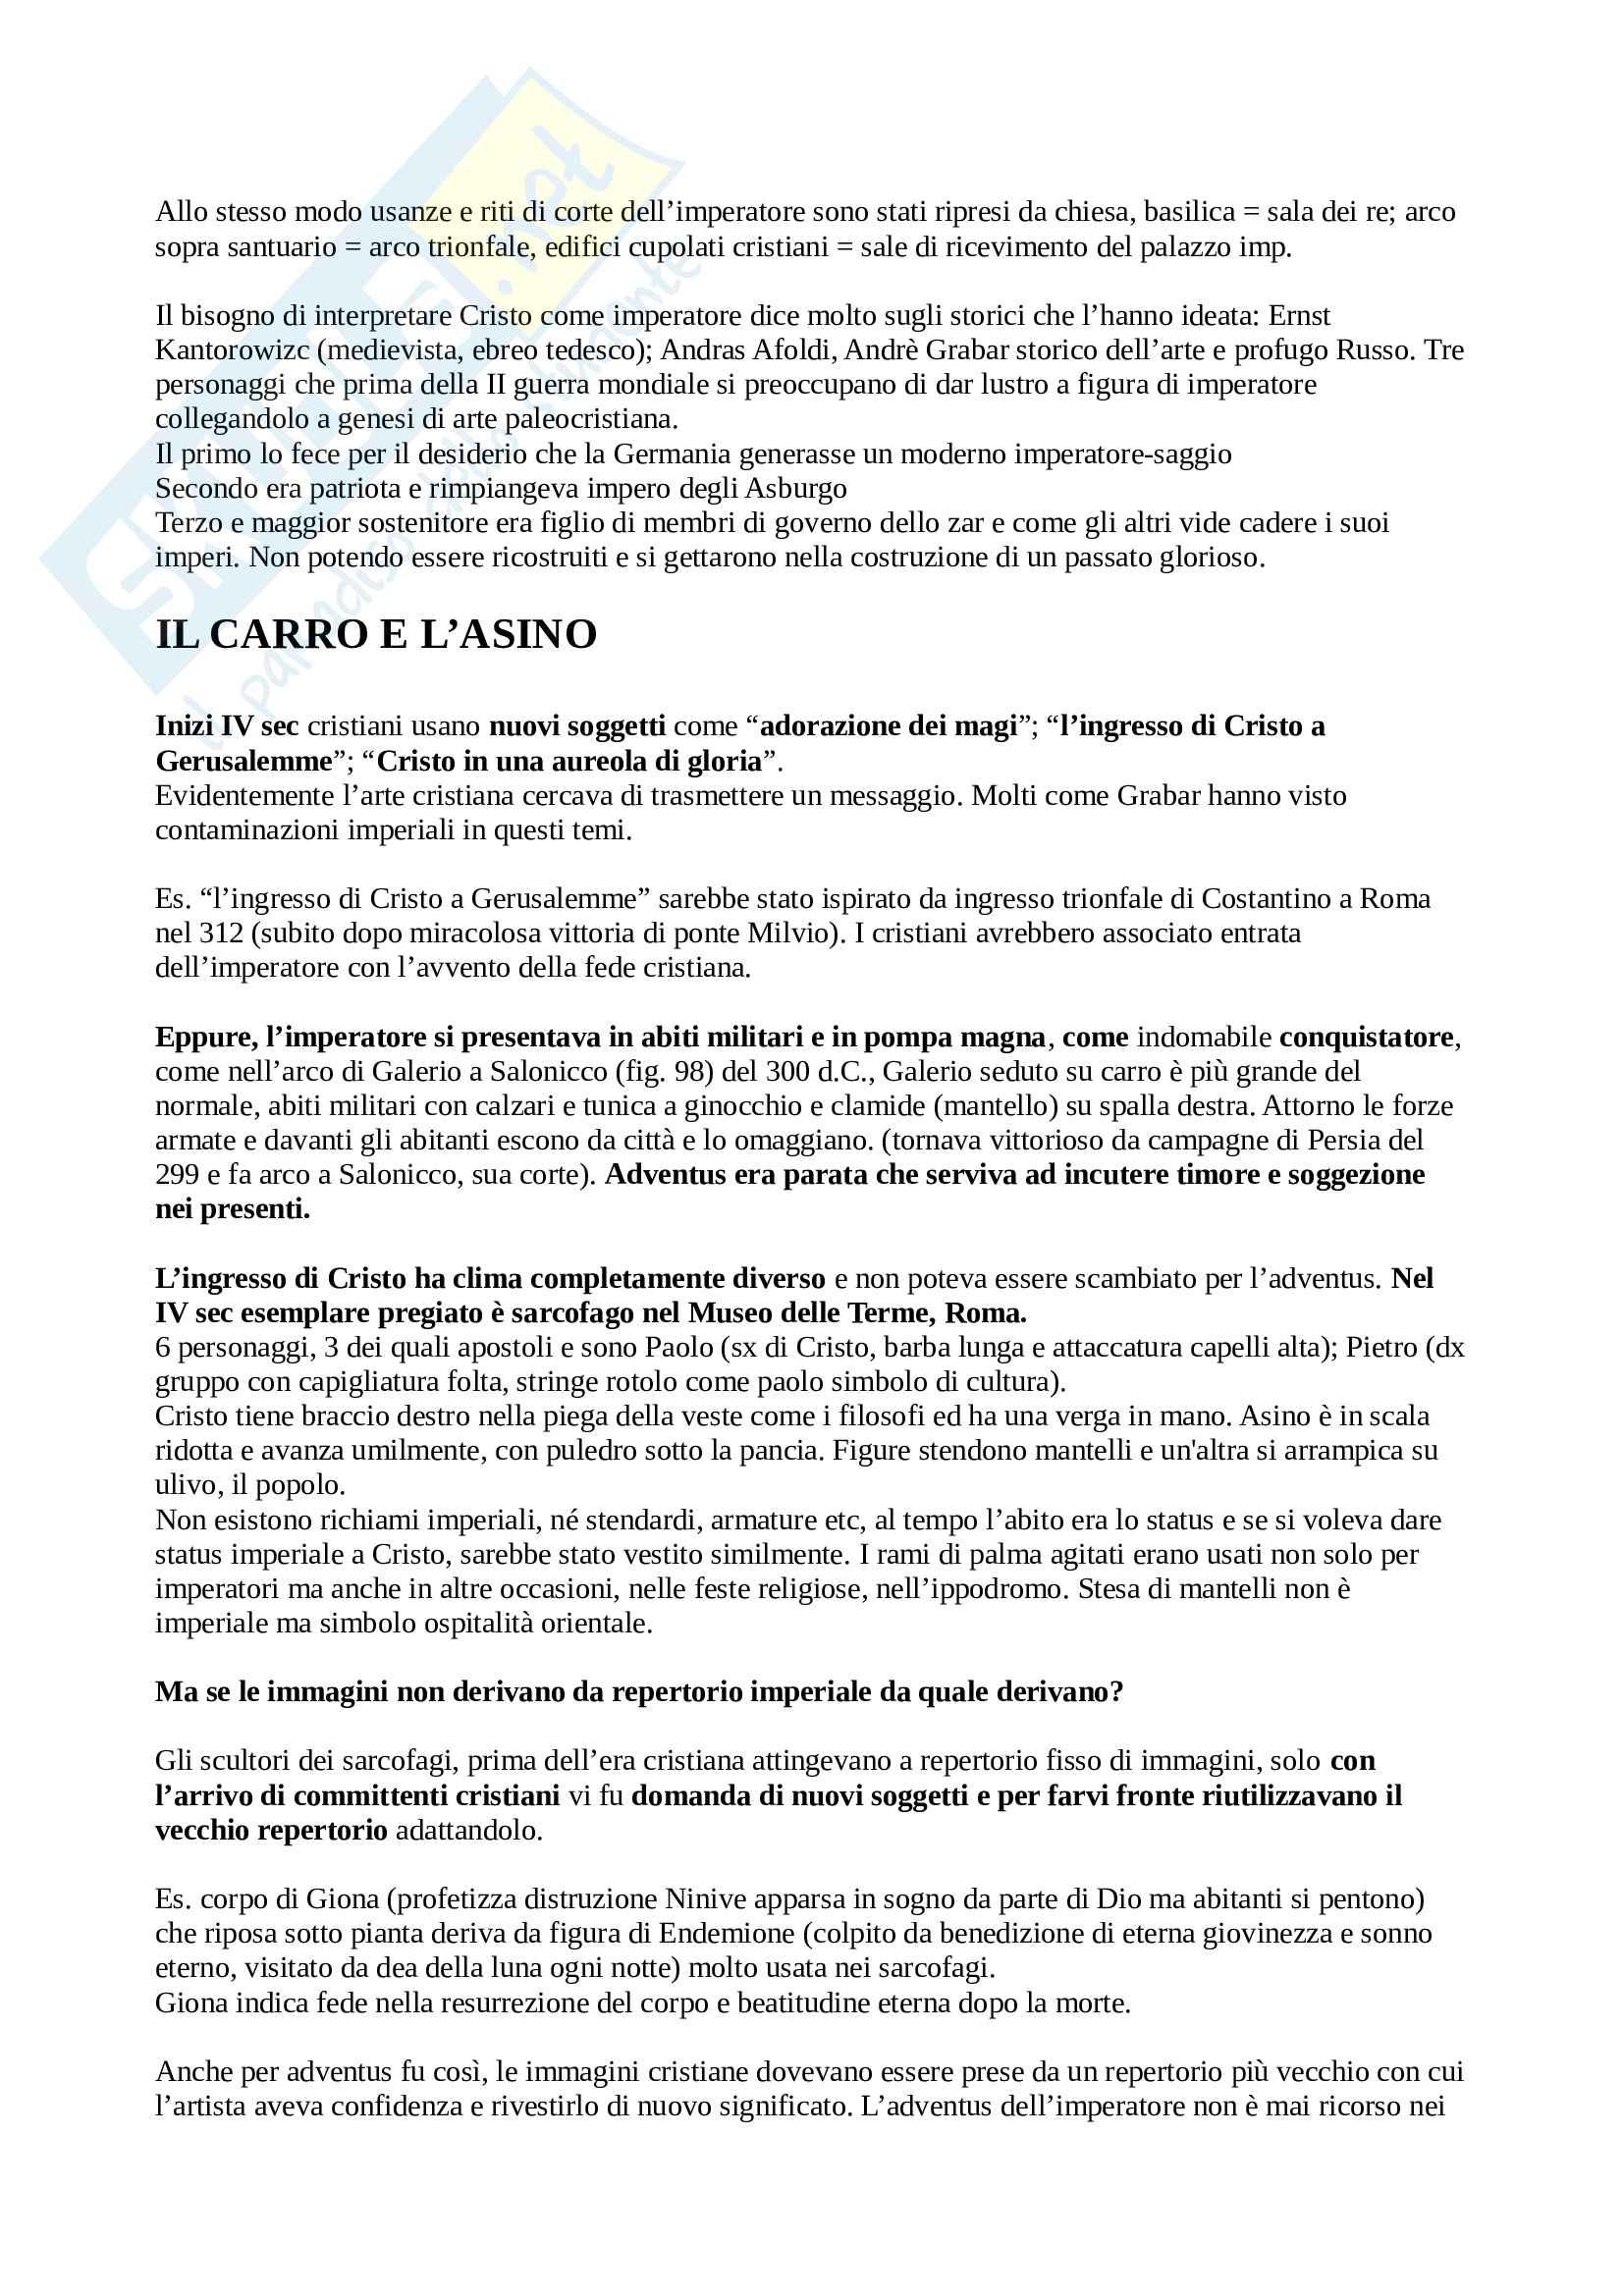 """Riassunto dell'esame Storia del Tardoantico cristiano, prof. Luigi Canetti, testo consigliato: """"Scontro di dei. Una reinterpretazione dell'arte paleolcristiana"""", autore Th Mathews Pag. 2"""